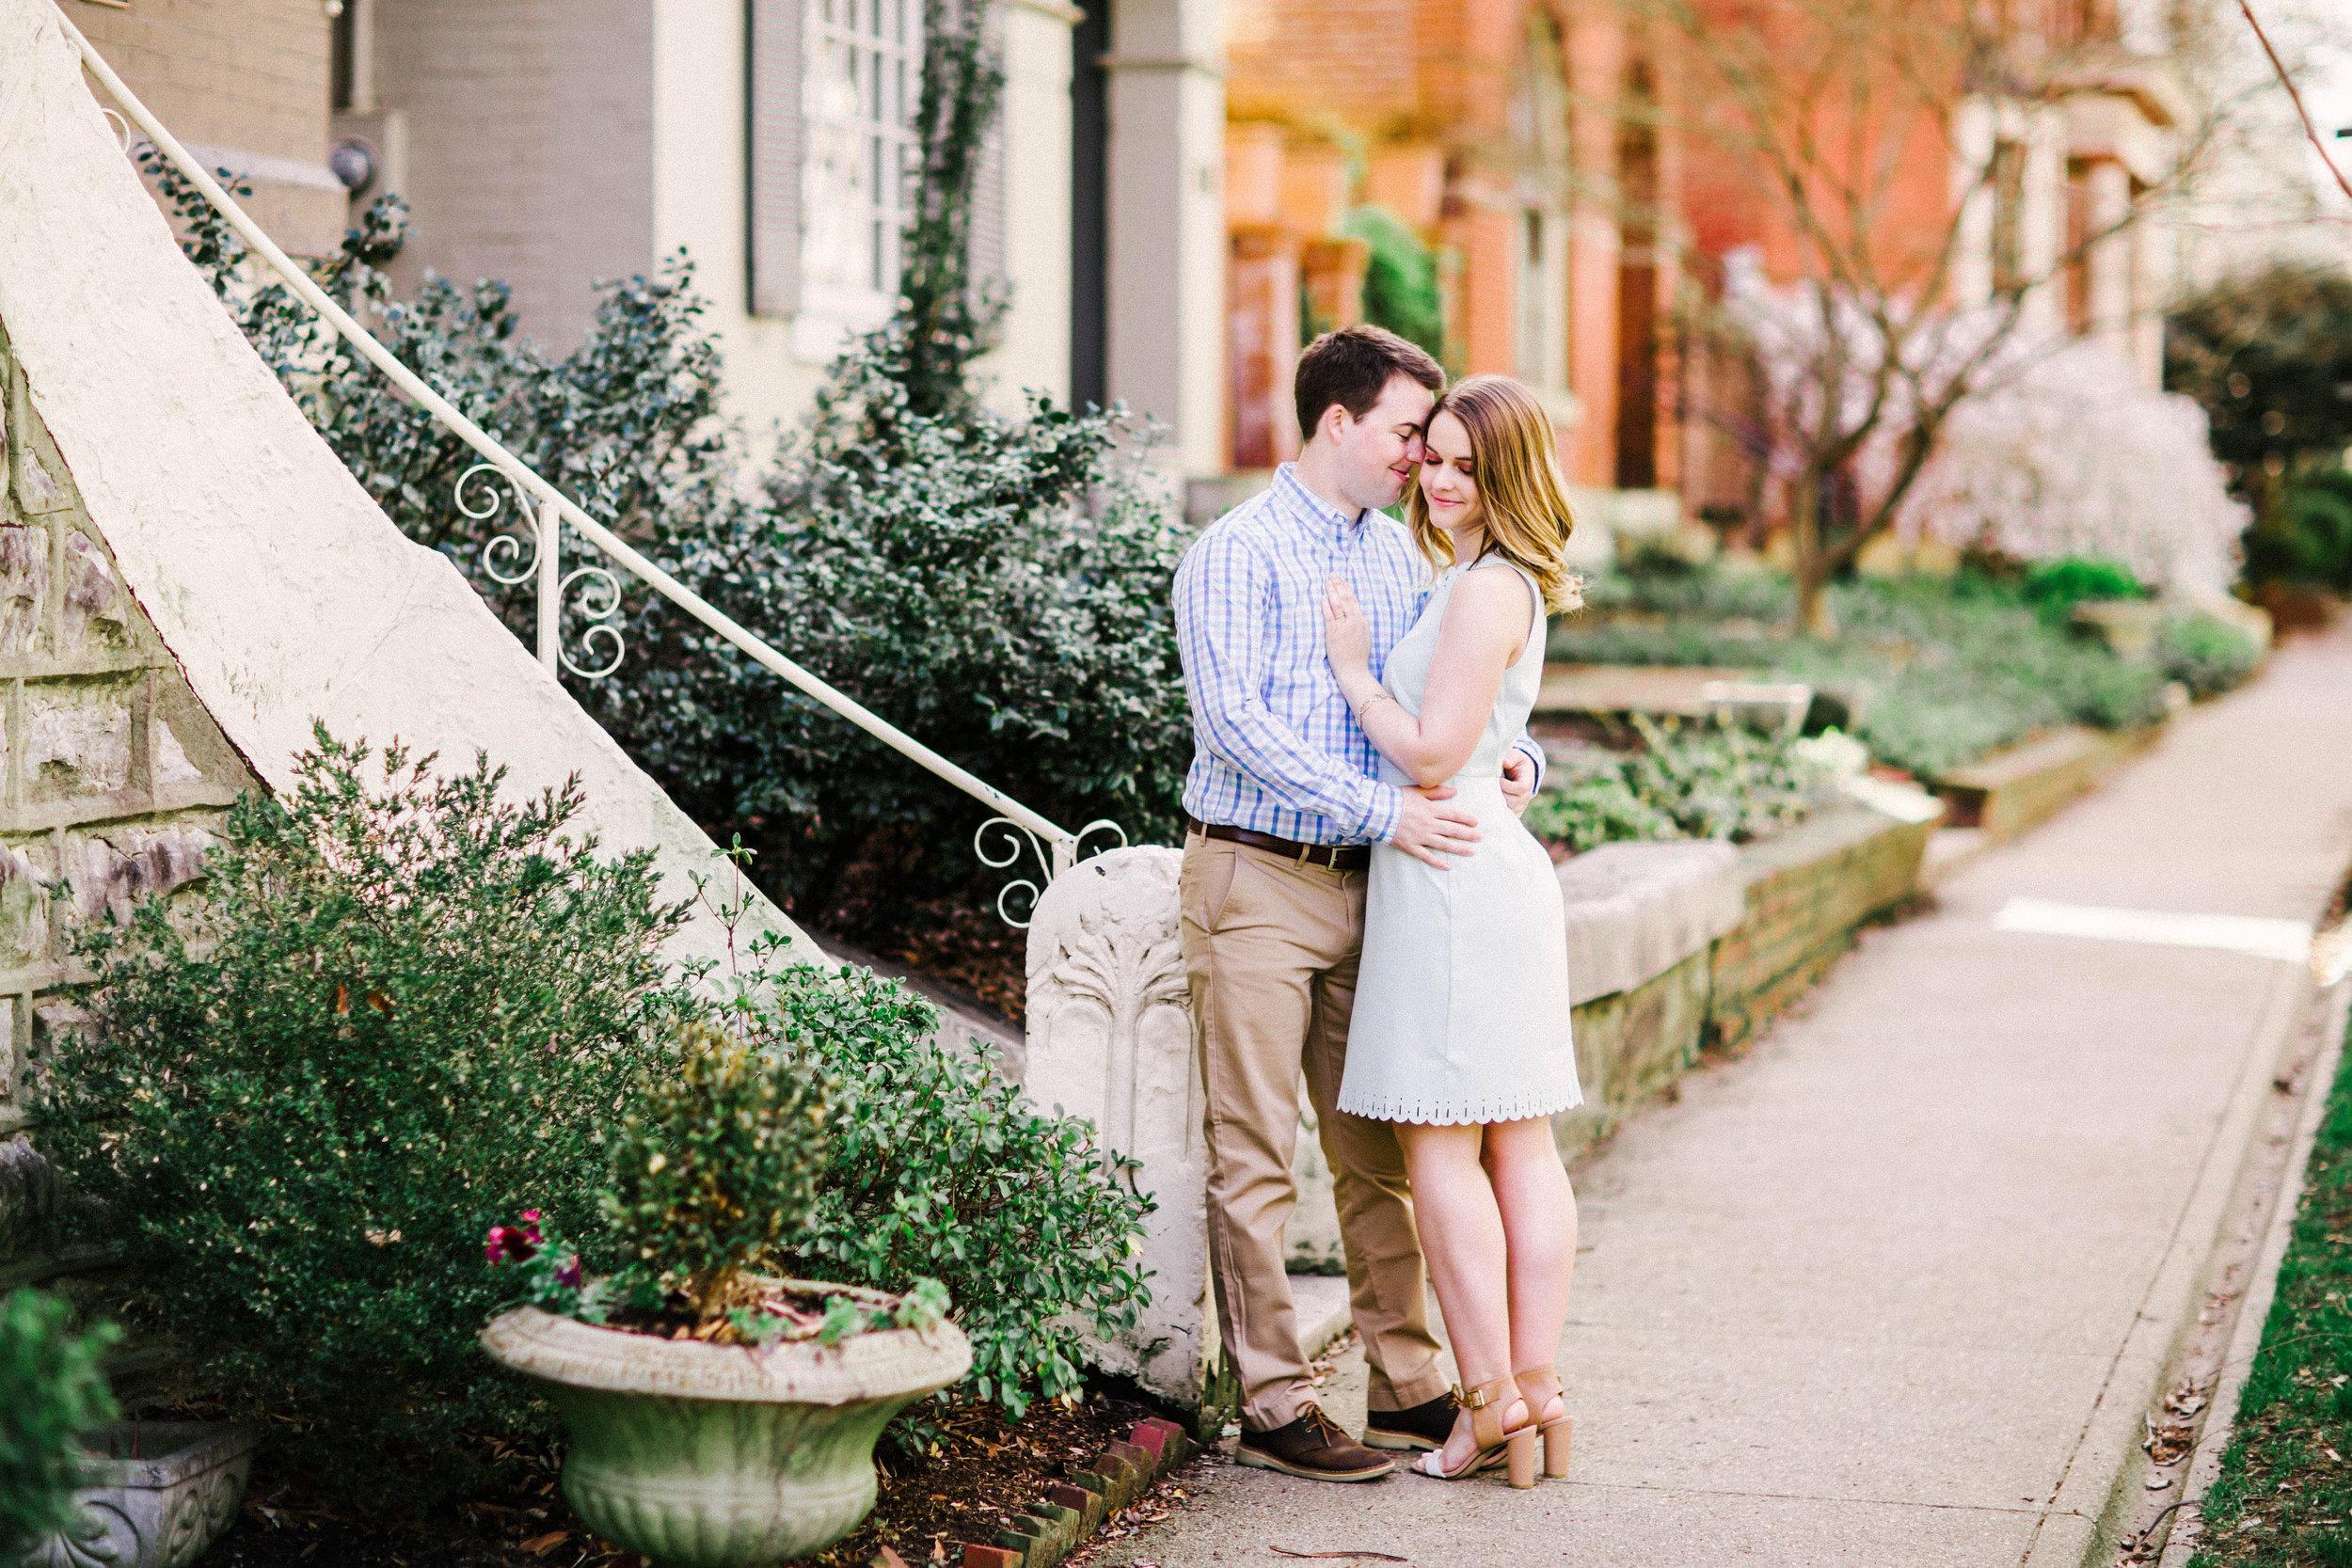 Kindly Kentucky Sarah Engagement Photos 2